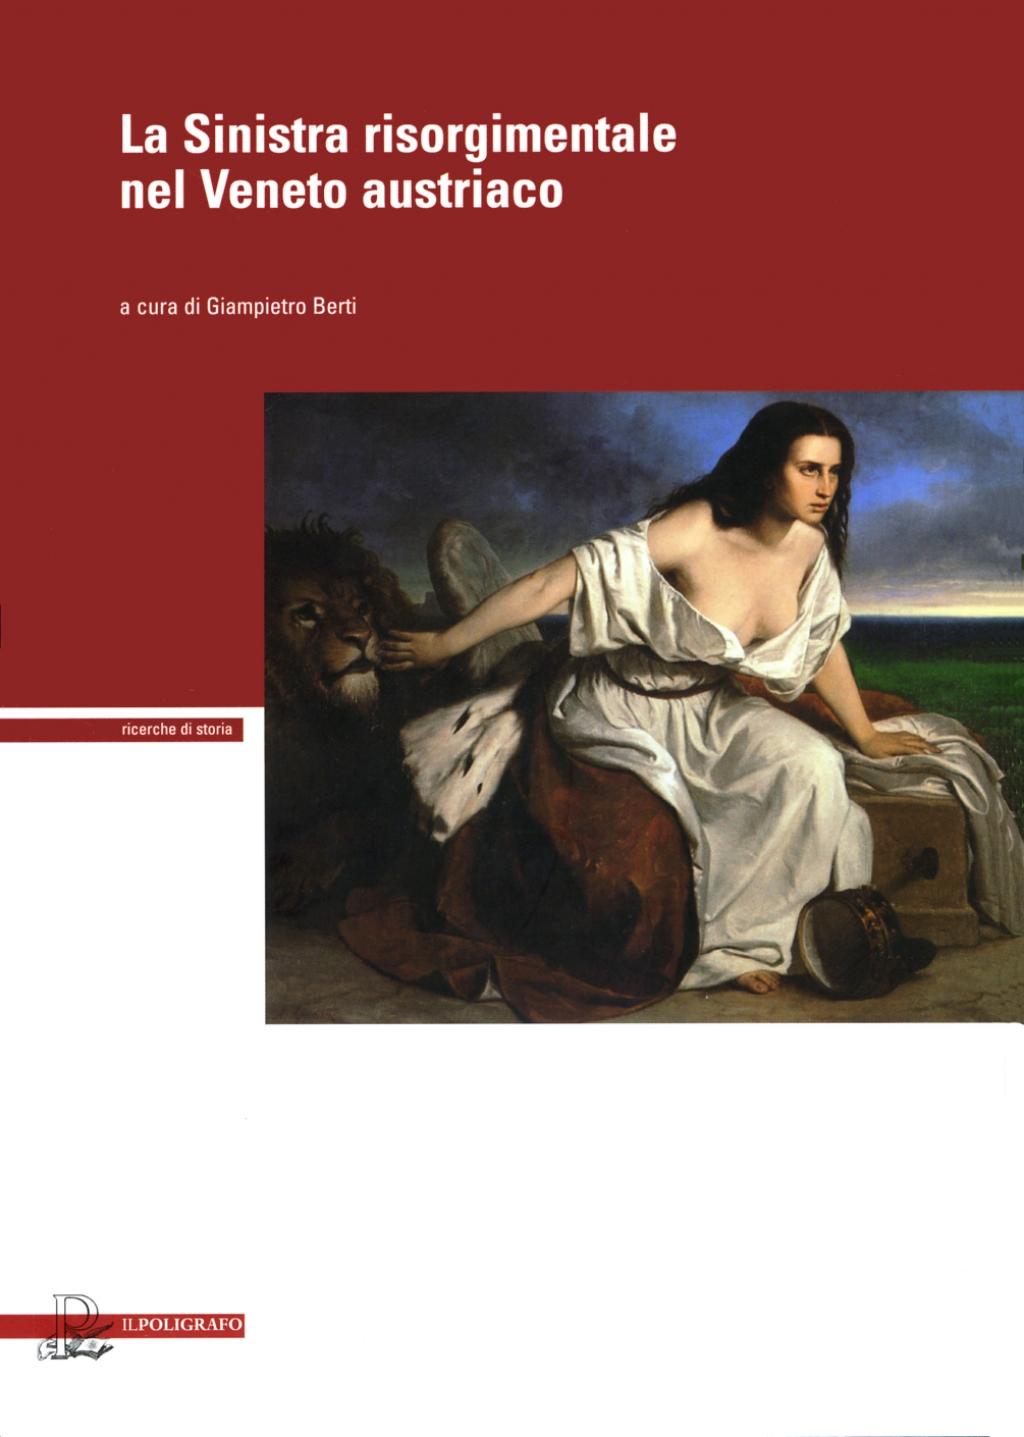 Sinistra risorgimentale nel Veneto austriaco - cover